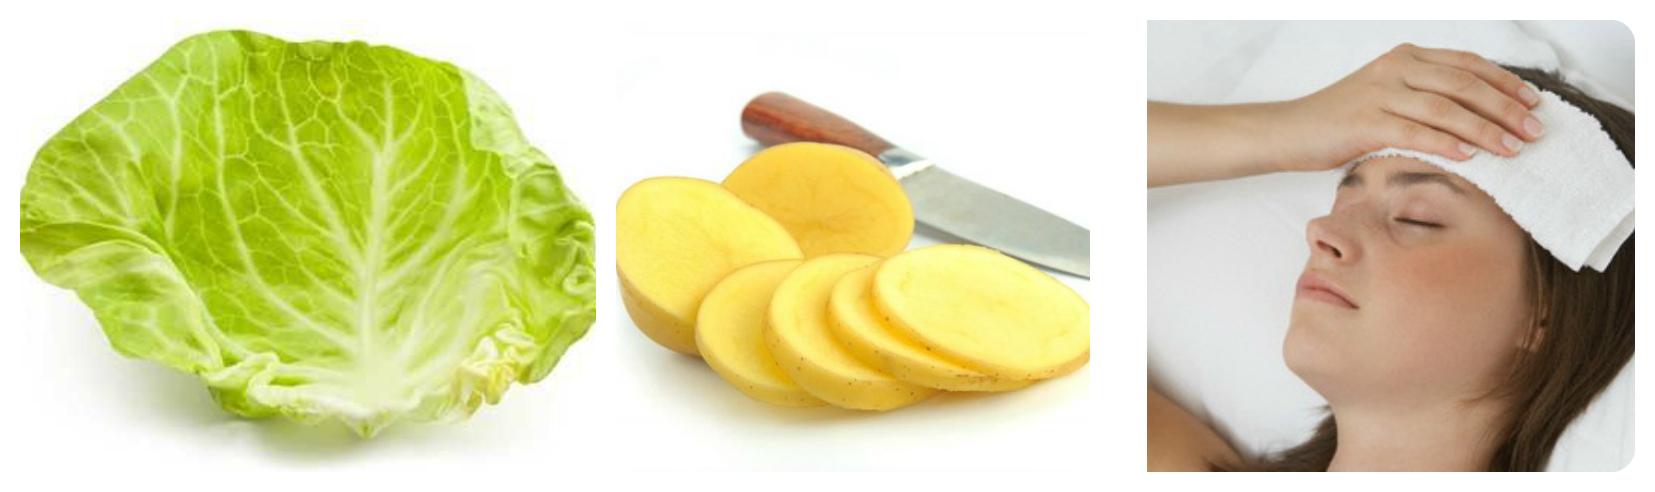 сырой картофель, капустный лист . компресс